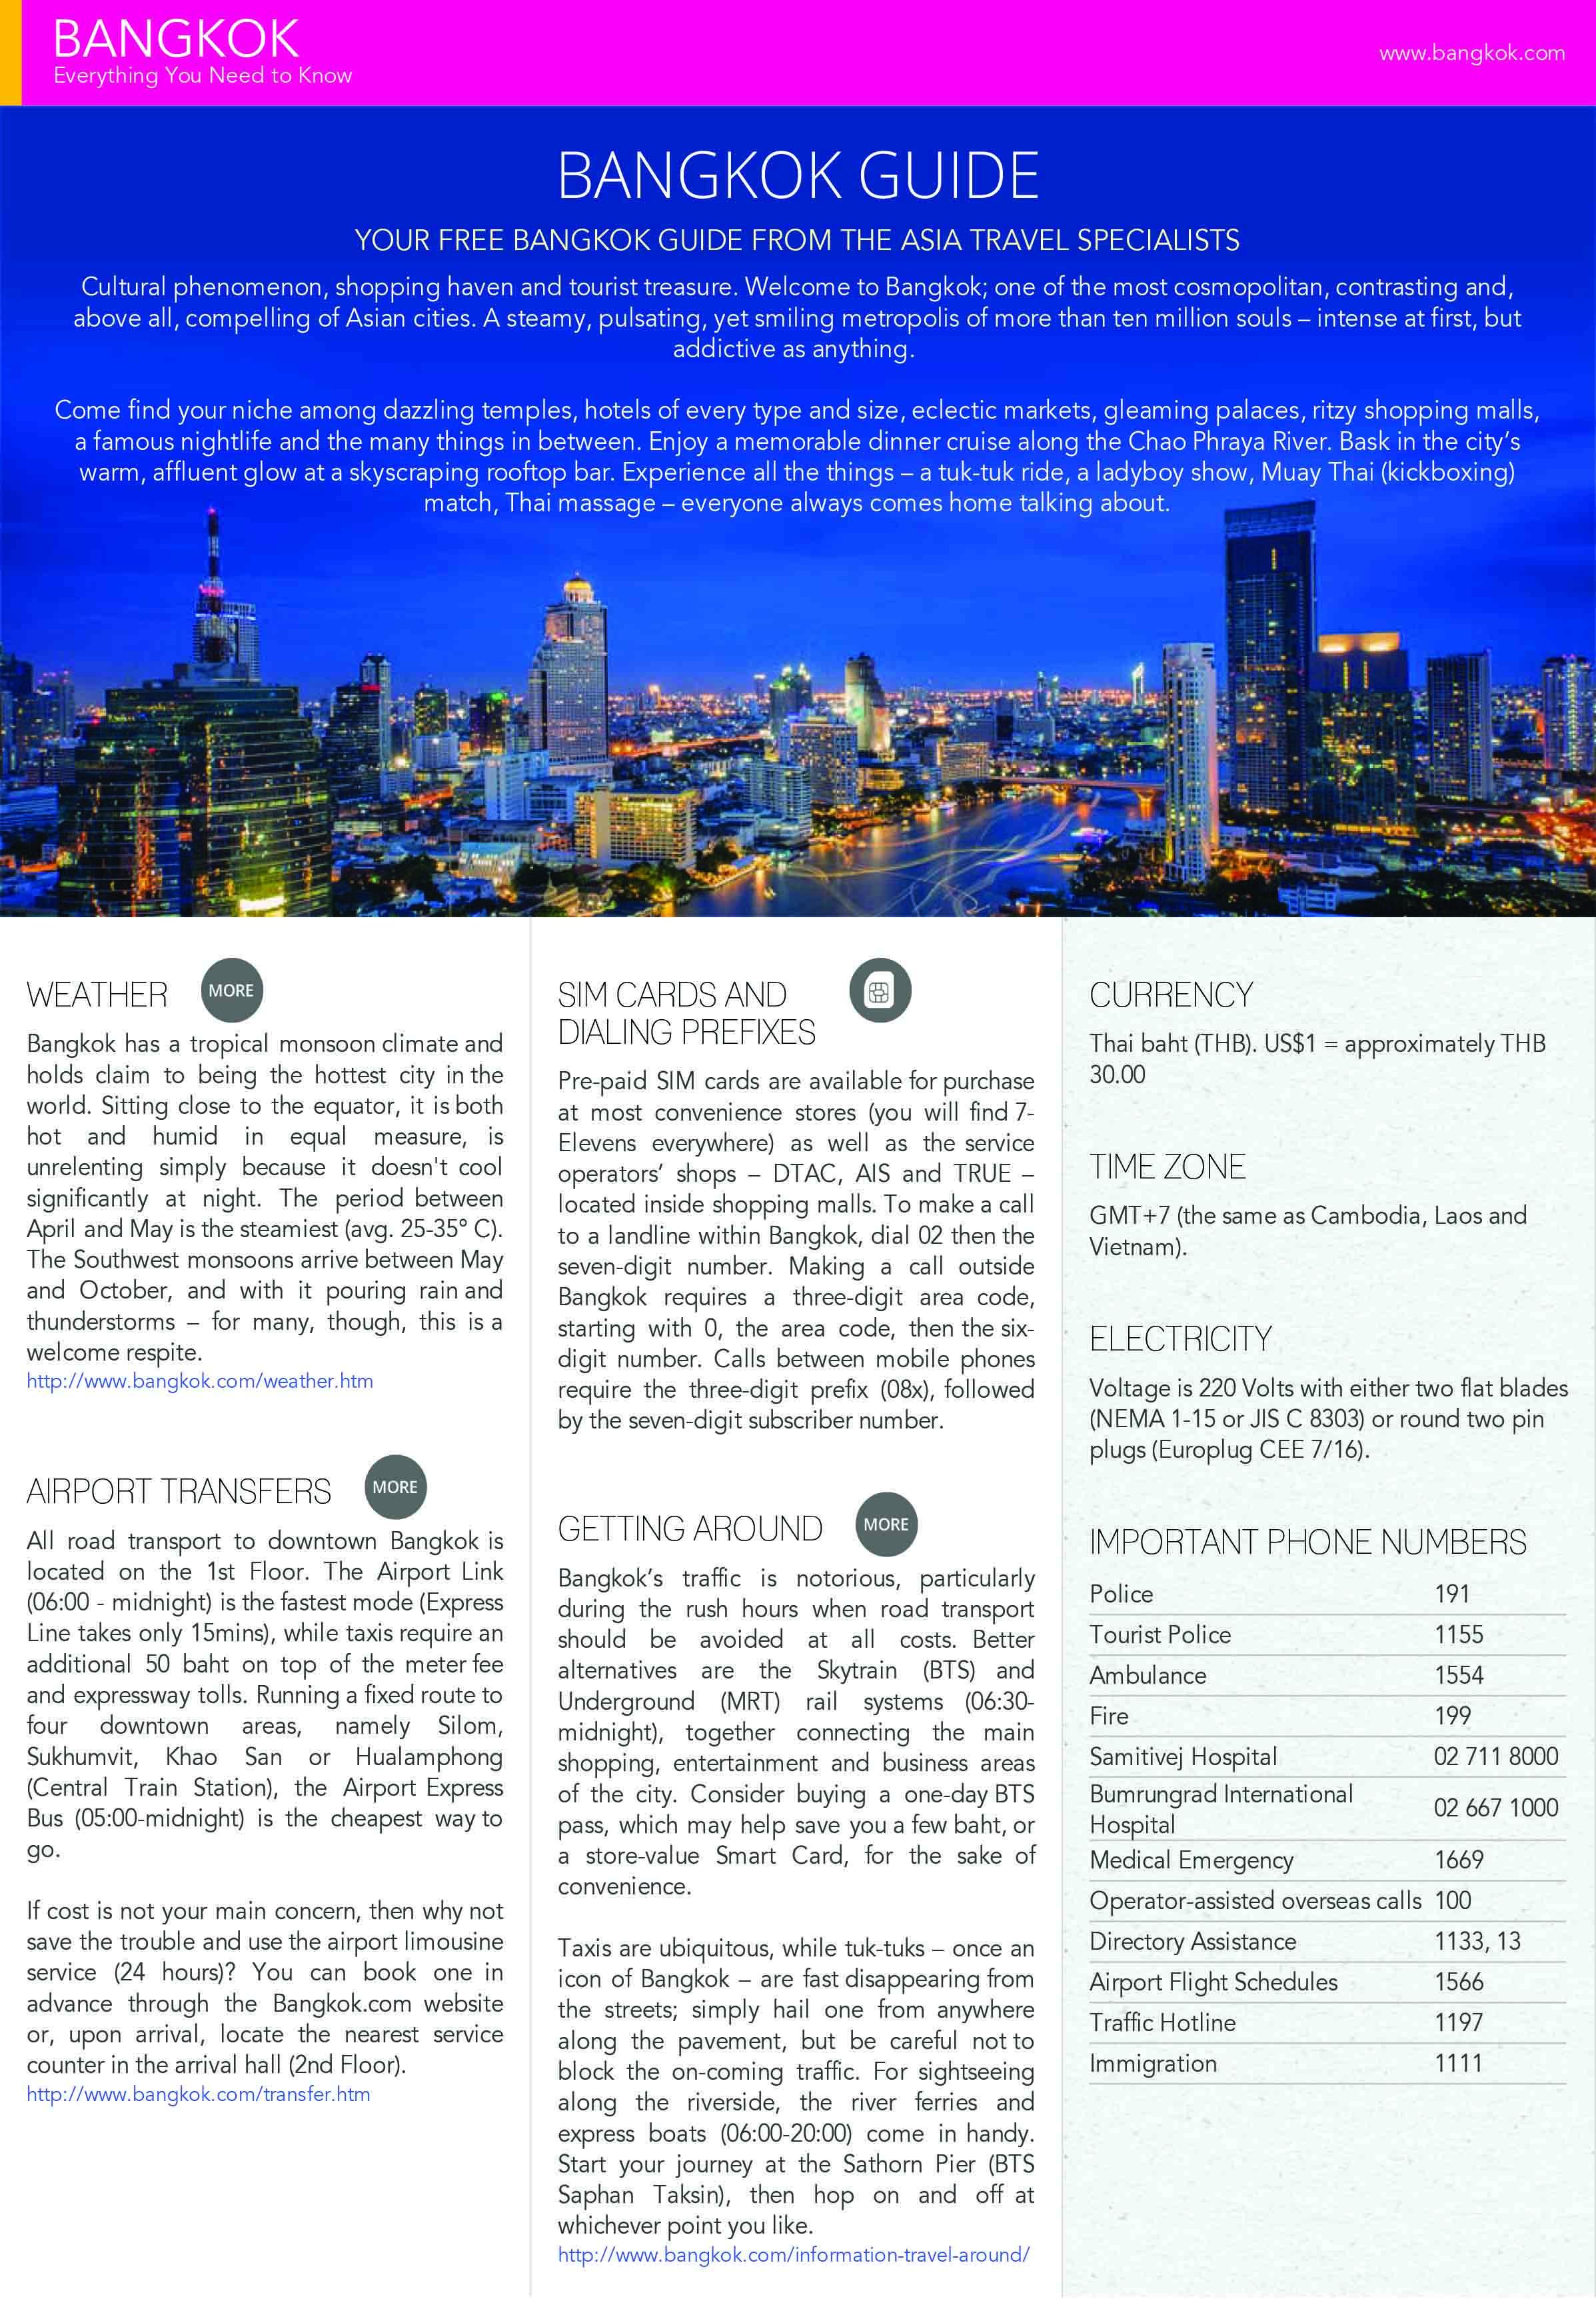 Tourism Bangkok Guide